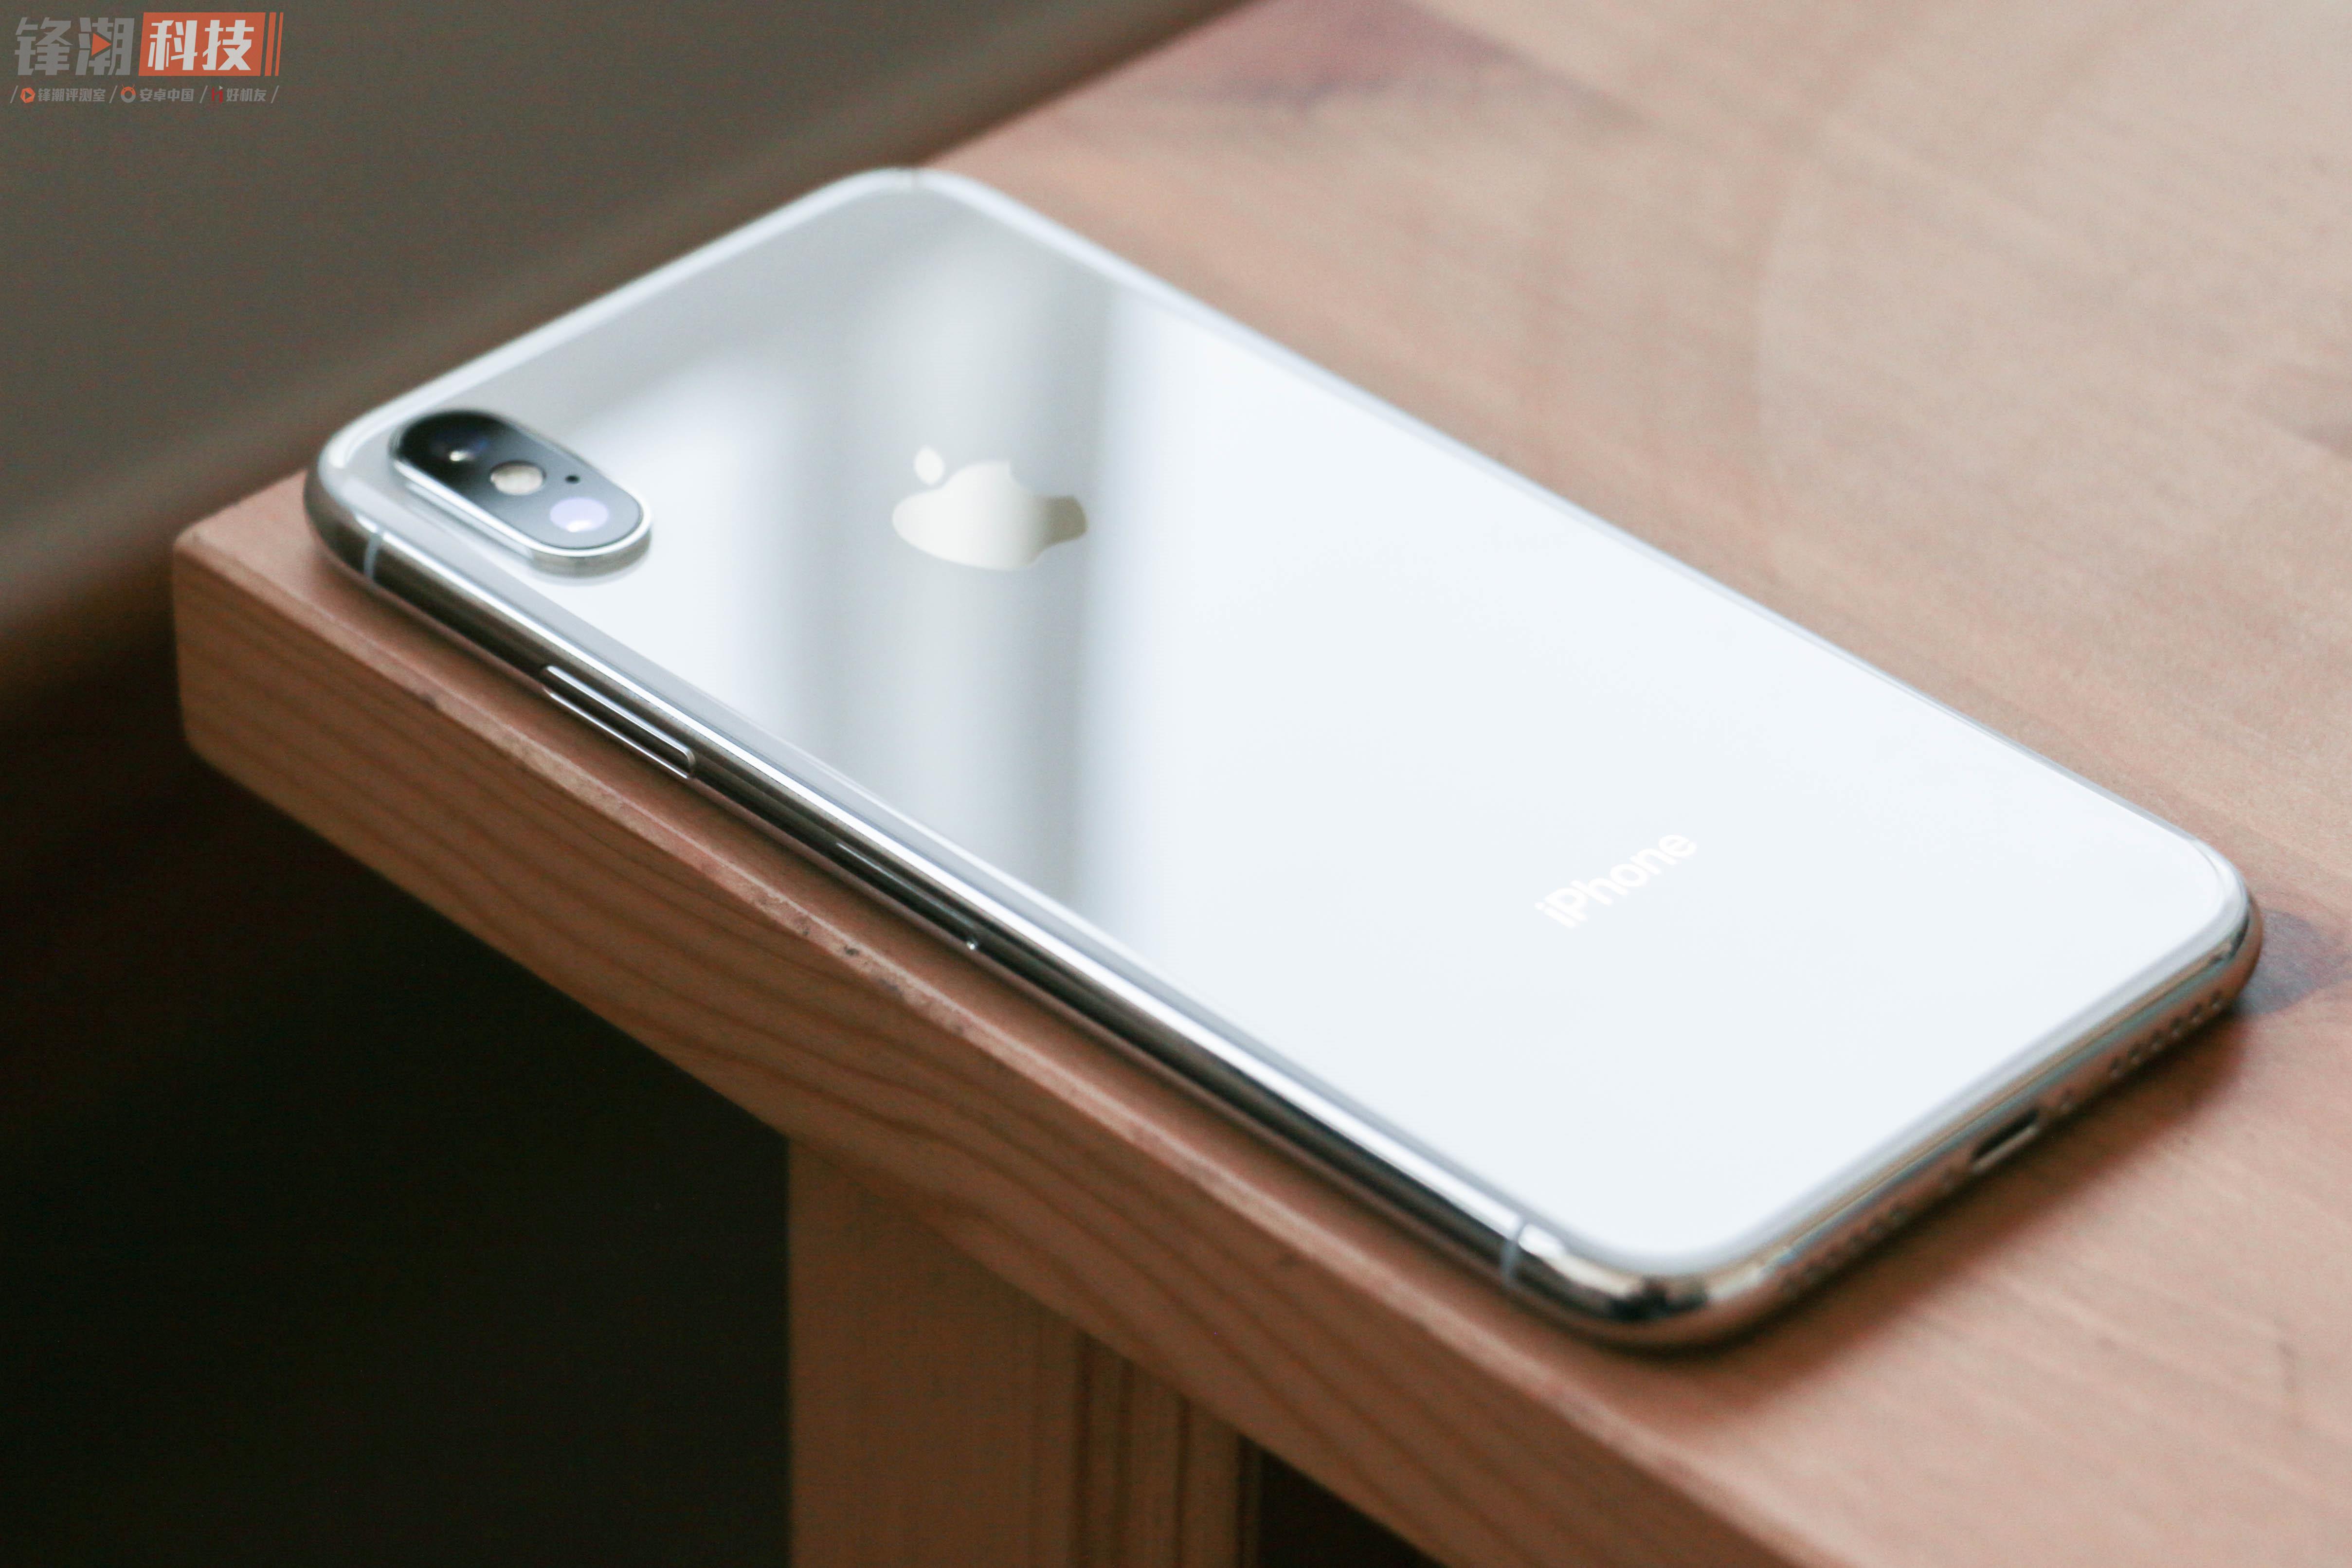 【力皮西】让你一次看个够:iPhone X 真机图赏